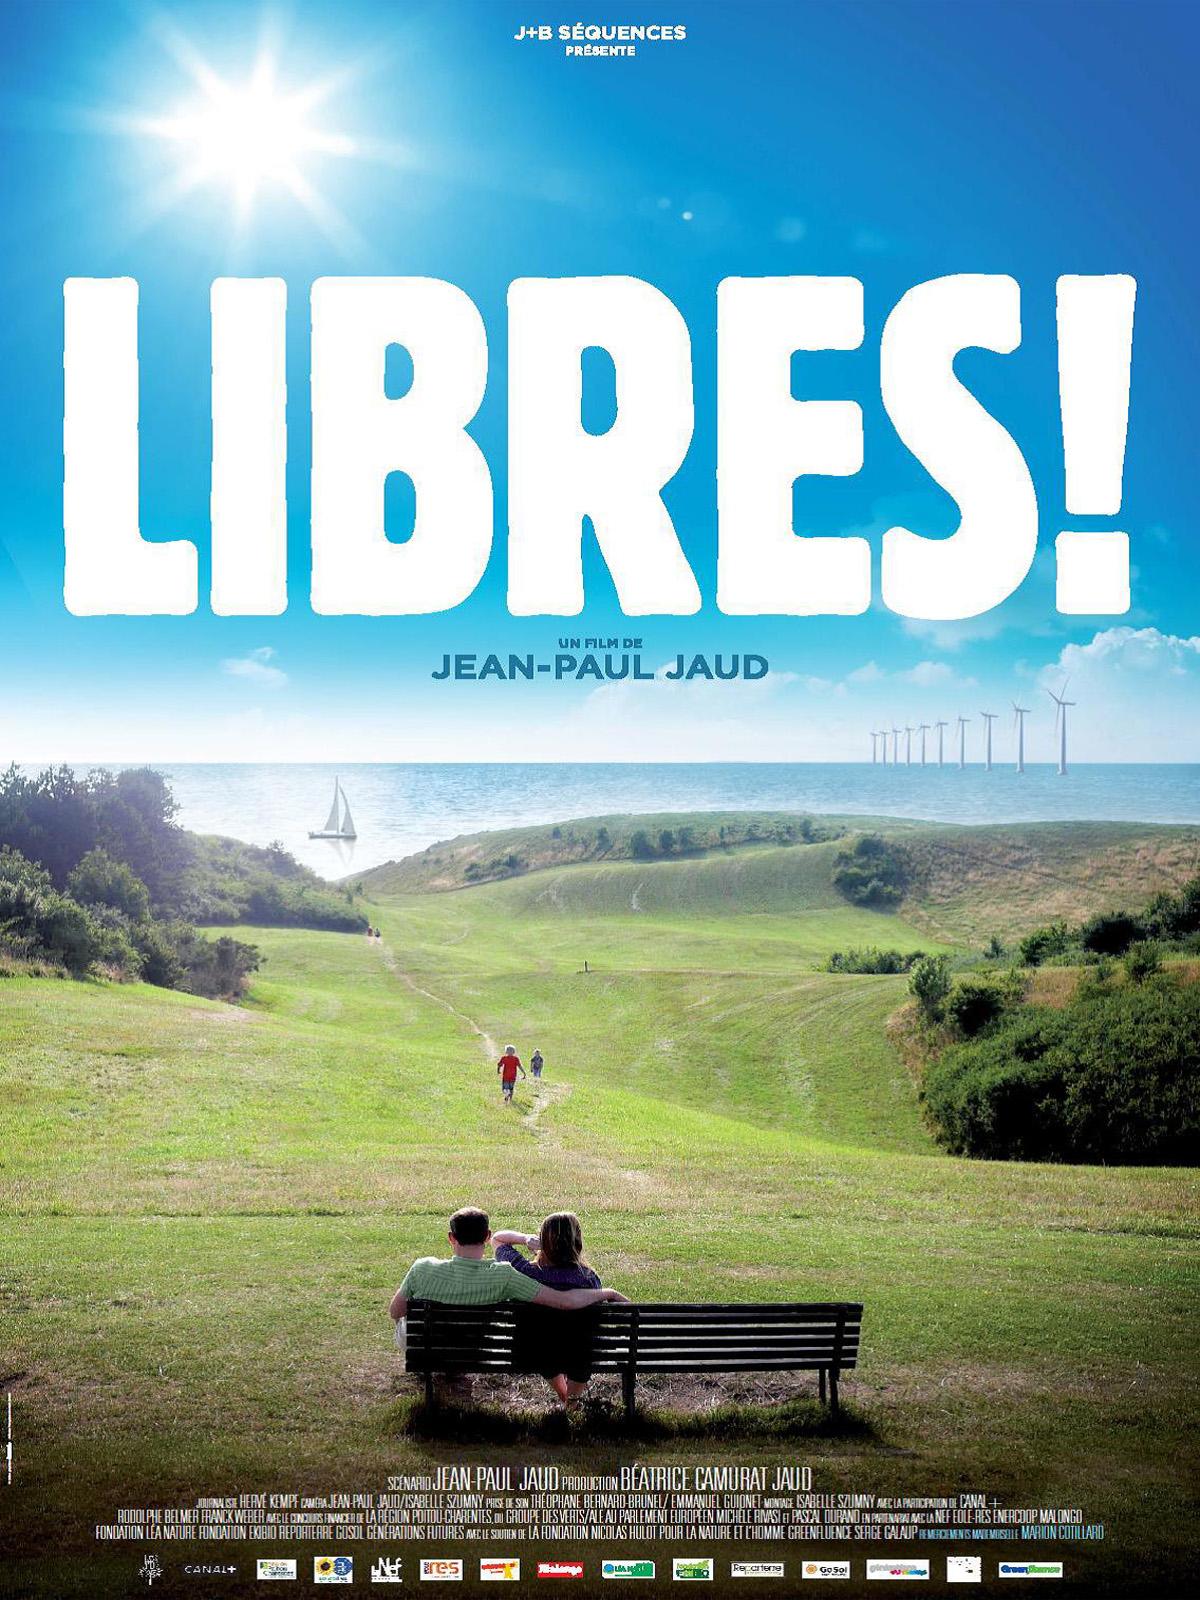 Festival de la Terre - Colibris 83 - Interview de Béatrice Jaud, productrice du film LIBRES